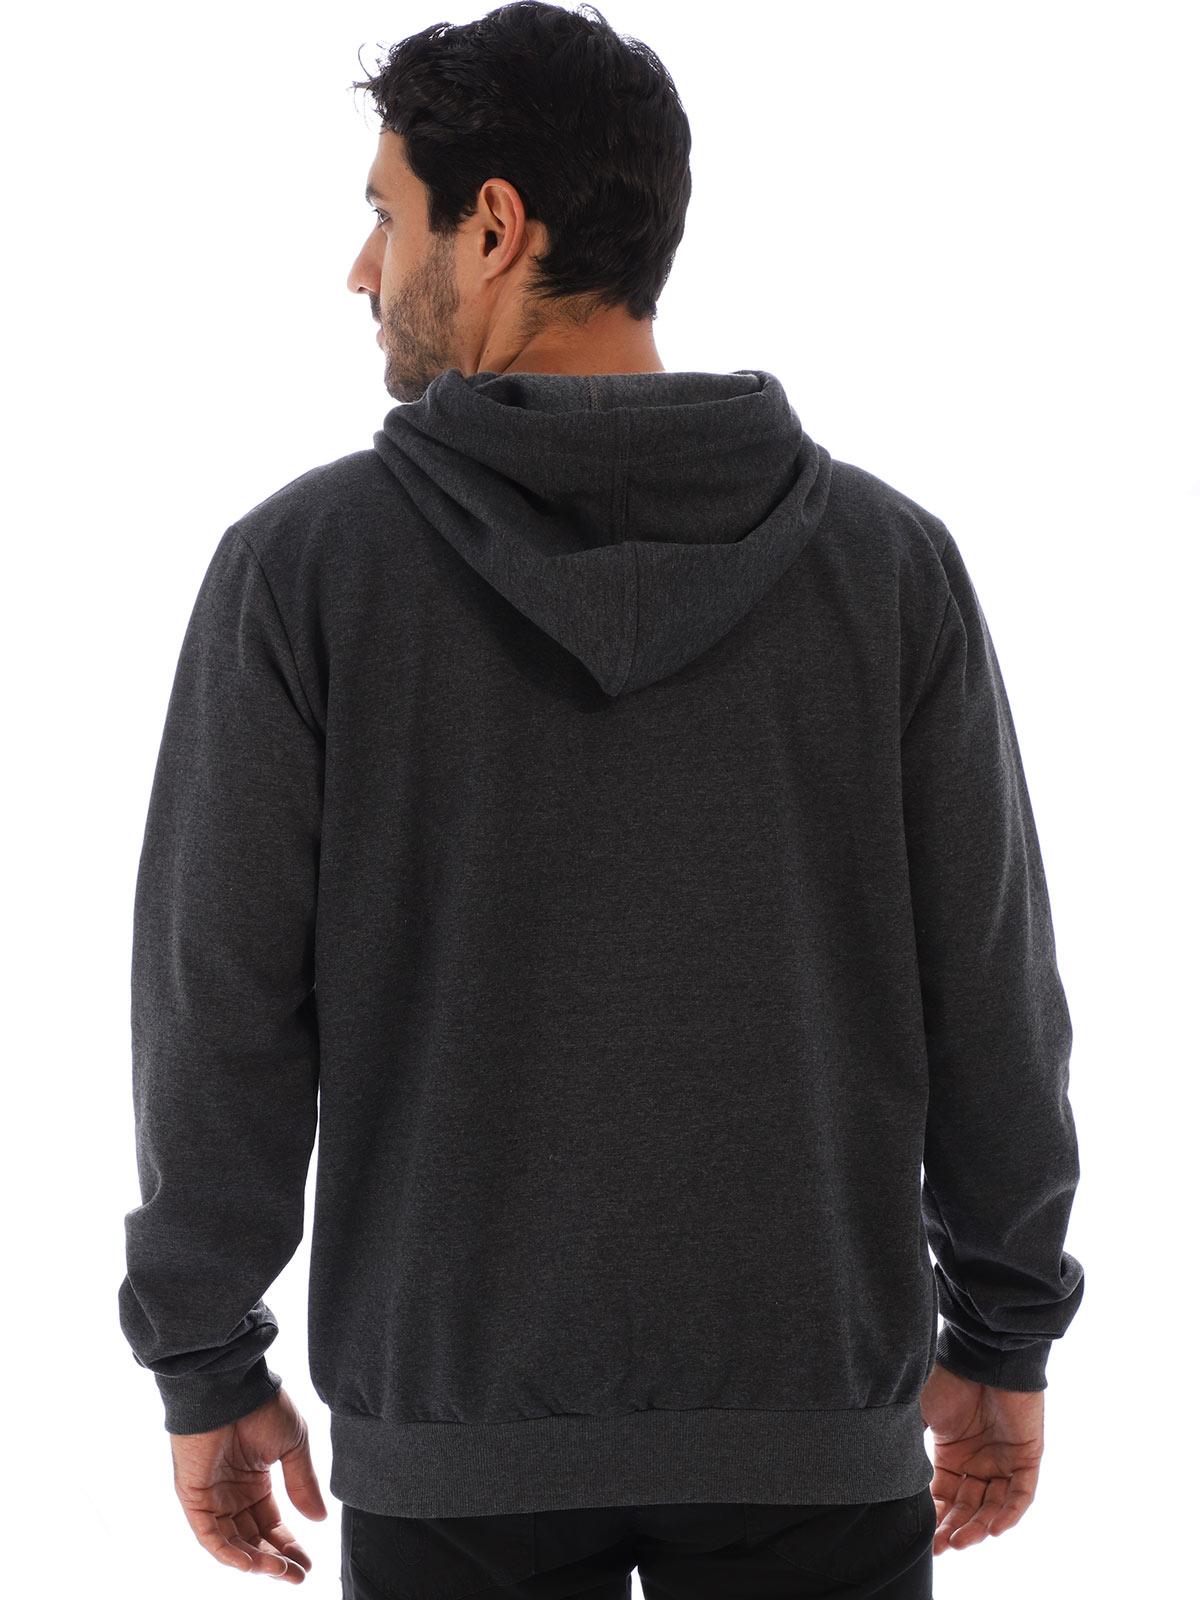 Blusa Masculina de Moletom Felpado Bordado Mescla Carvão